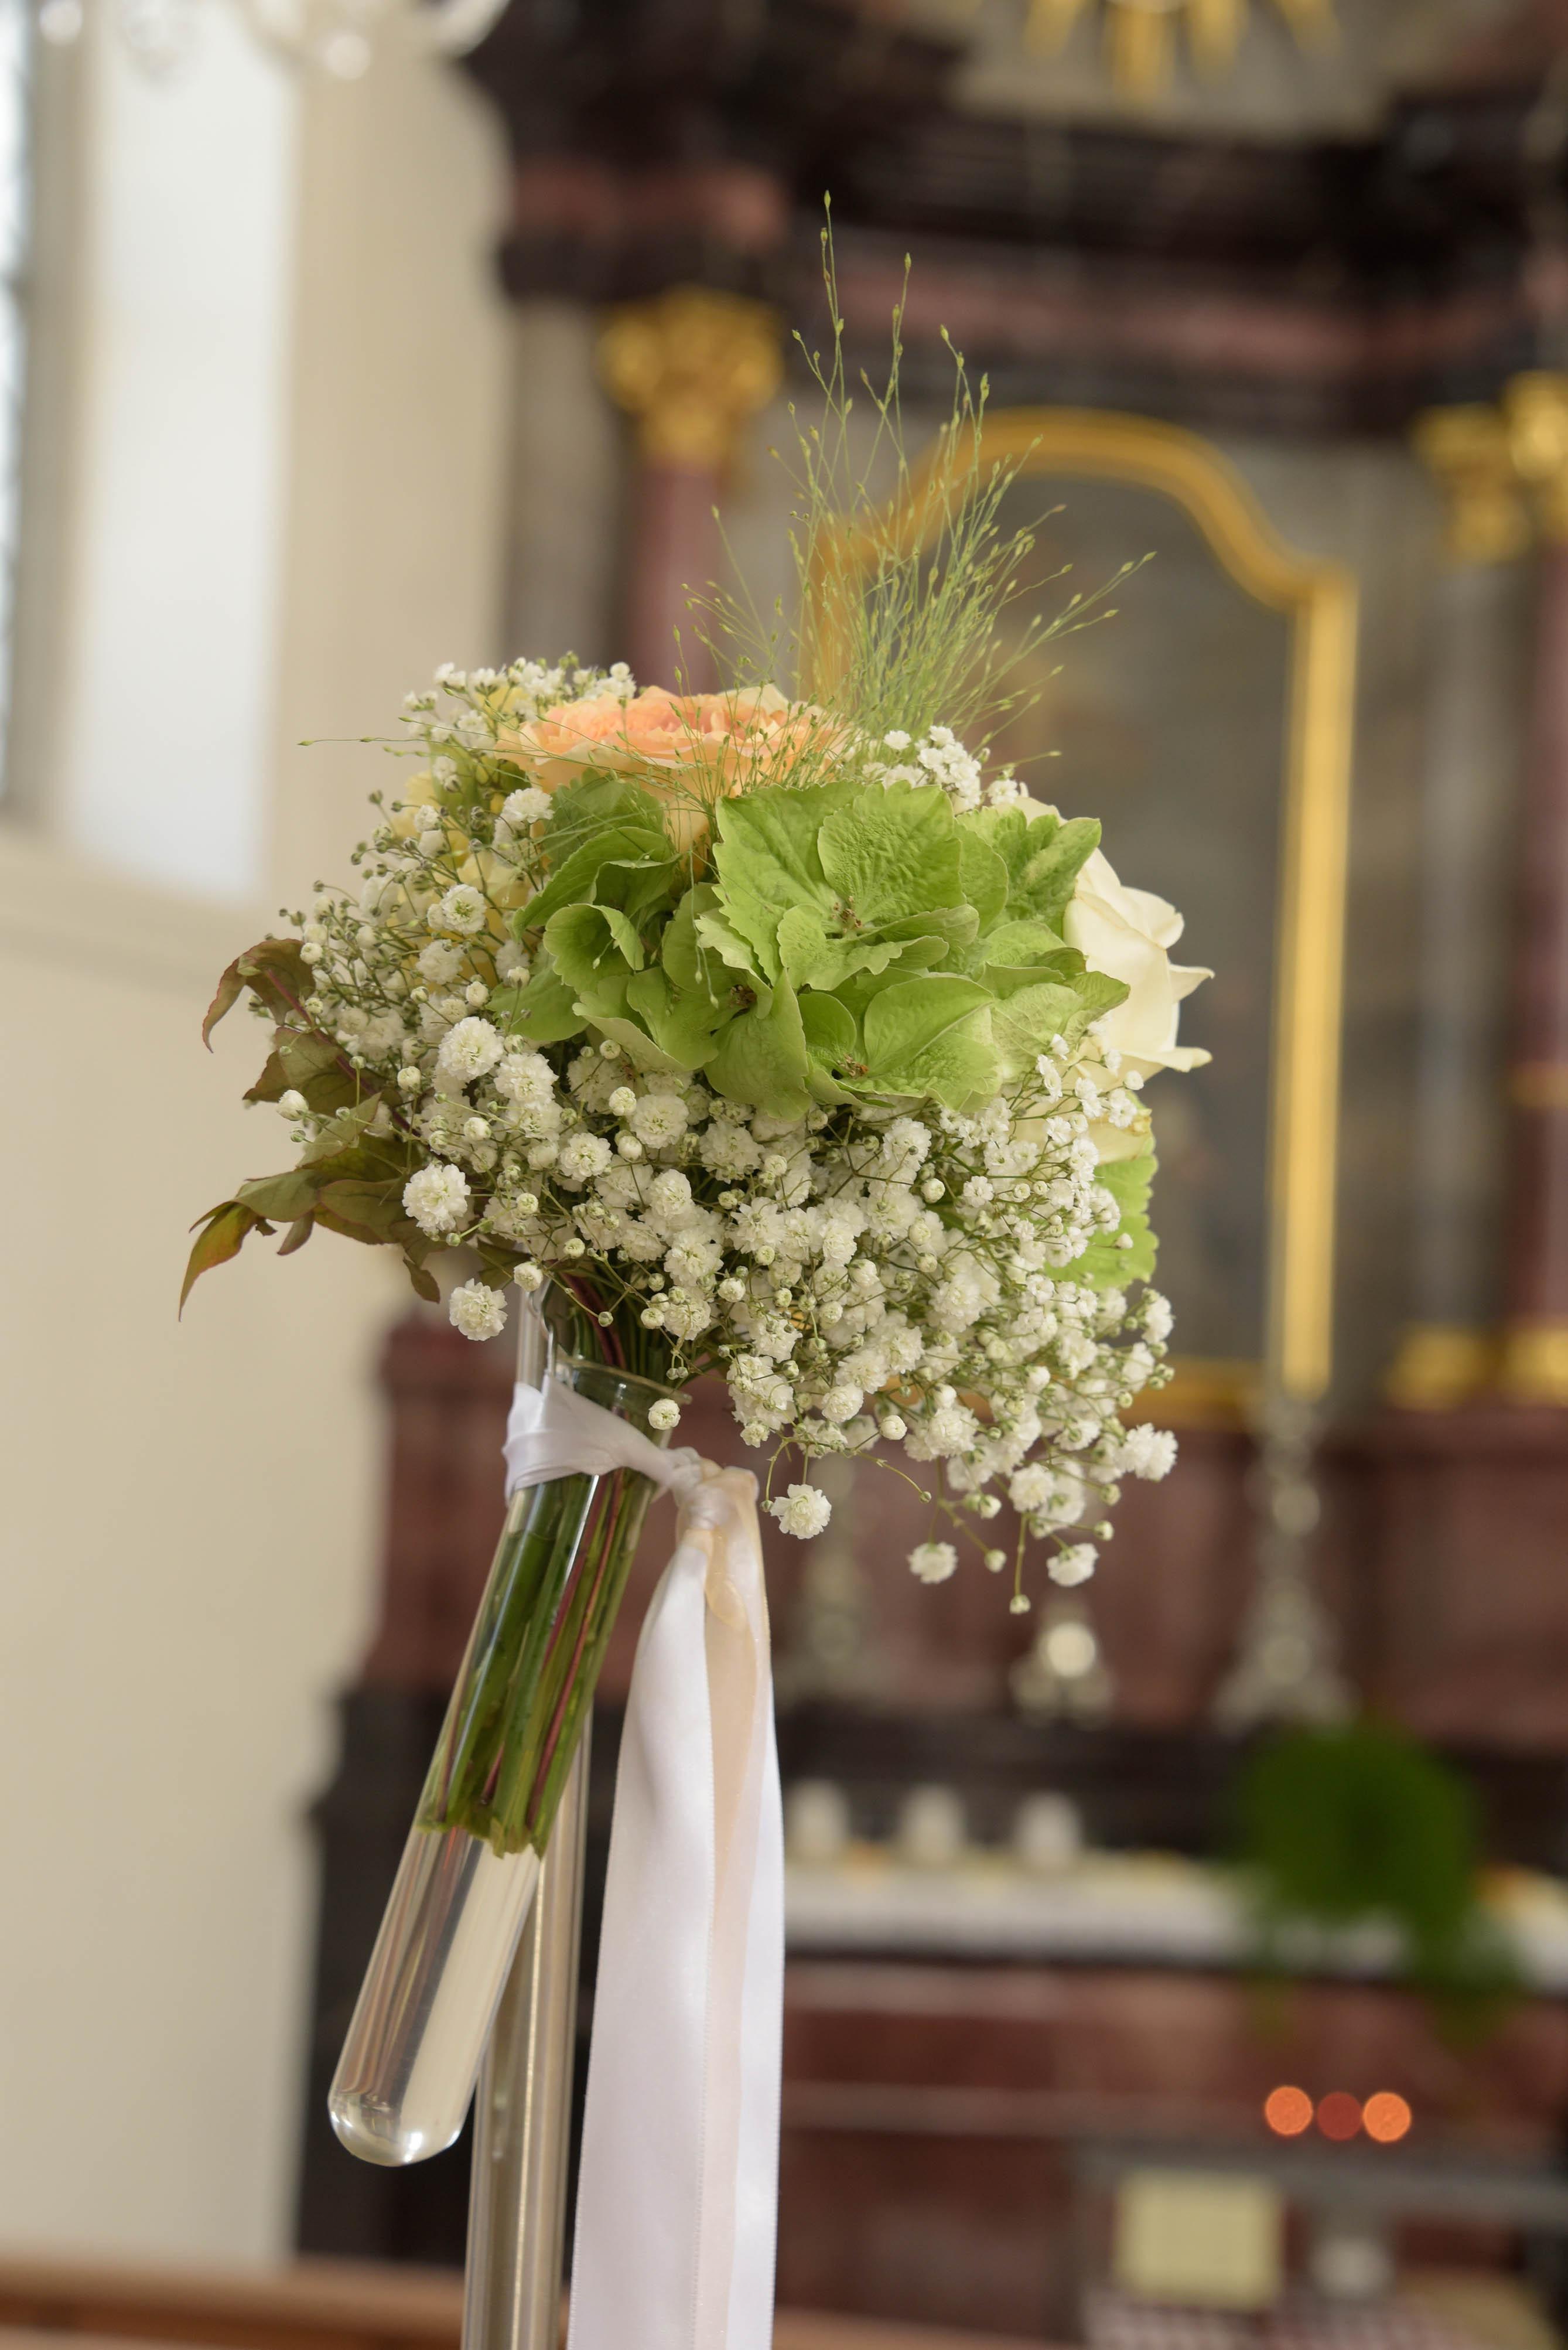 Hochzeit blumenstrauss farbig baendel weiss bl tenart for Raumgestaltung hochzeit